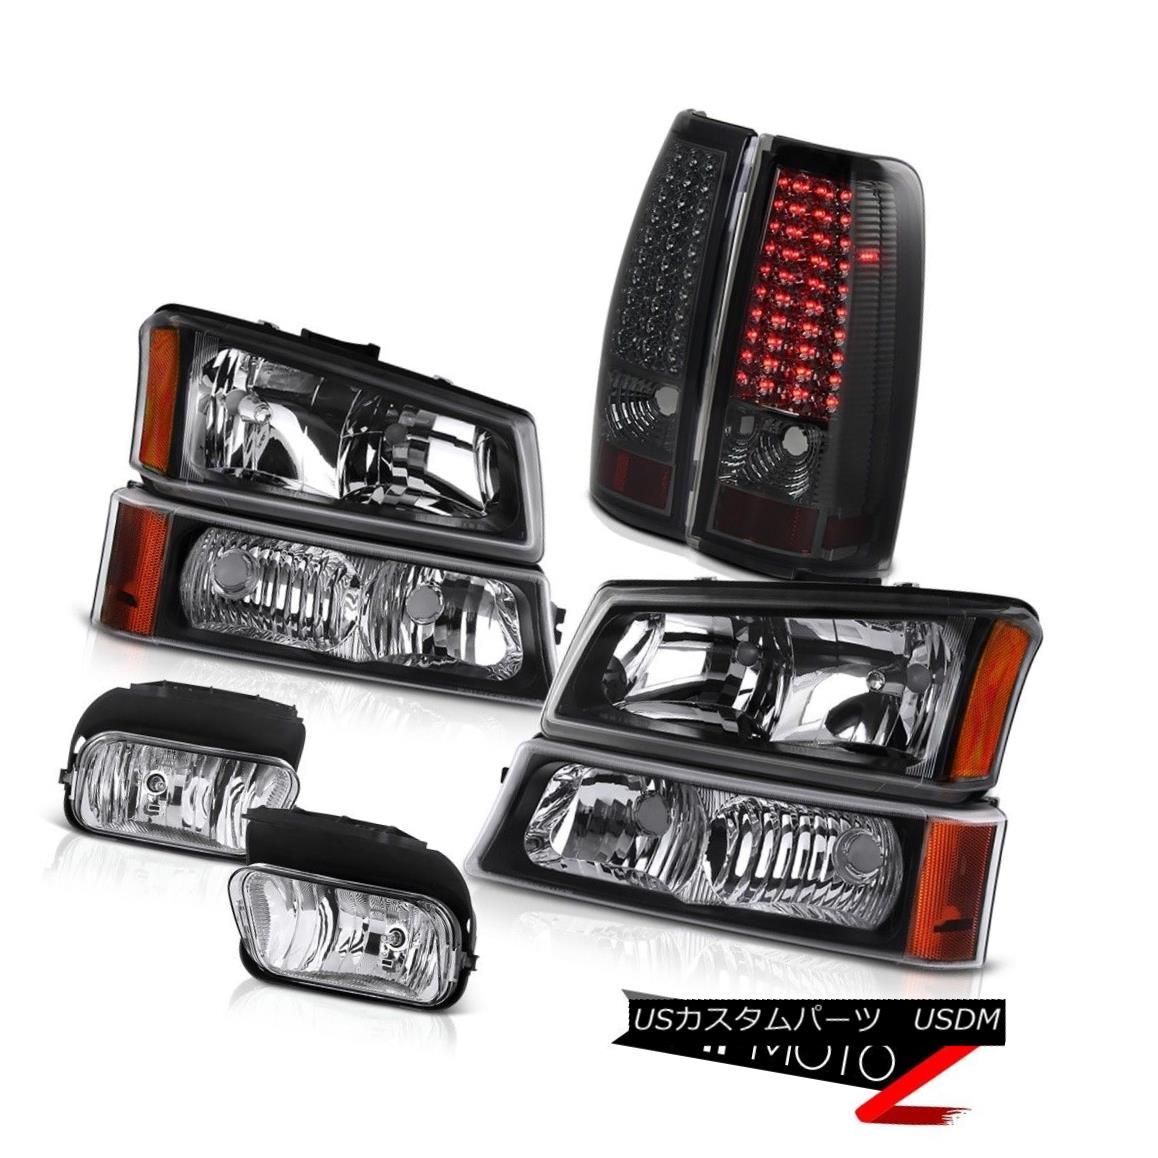 ヘッドライト 2003 2004 Silverado 4.3L V6 Crystal Black headlight Tail Lights Driving Foglight 2003 2004 Silverado 4.3L V6クリスタルブラックヘッドライトテールライトドライビングフォグライト